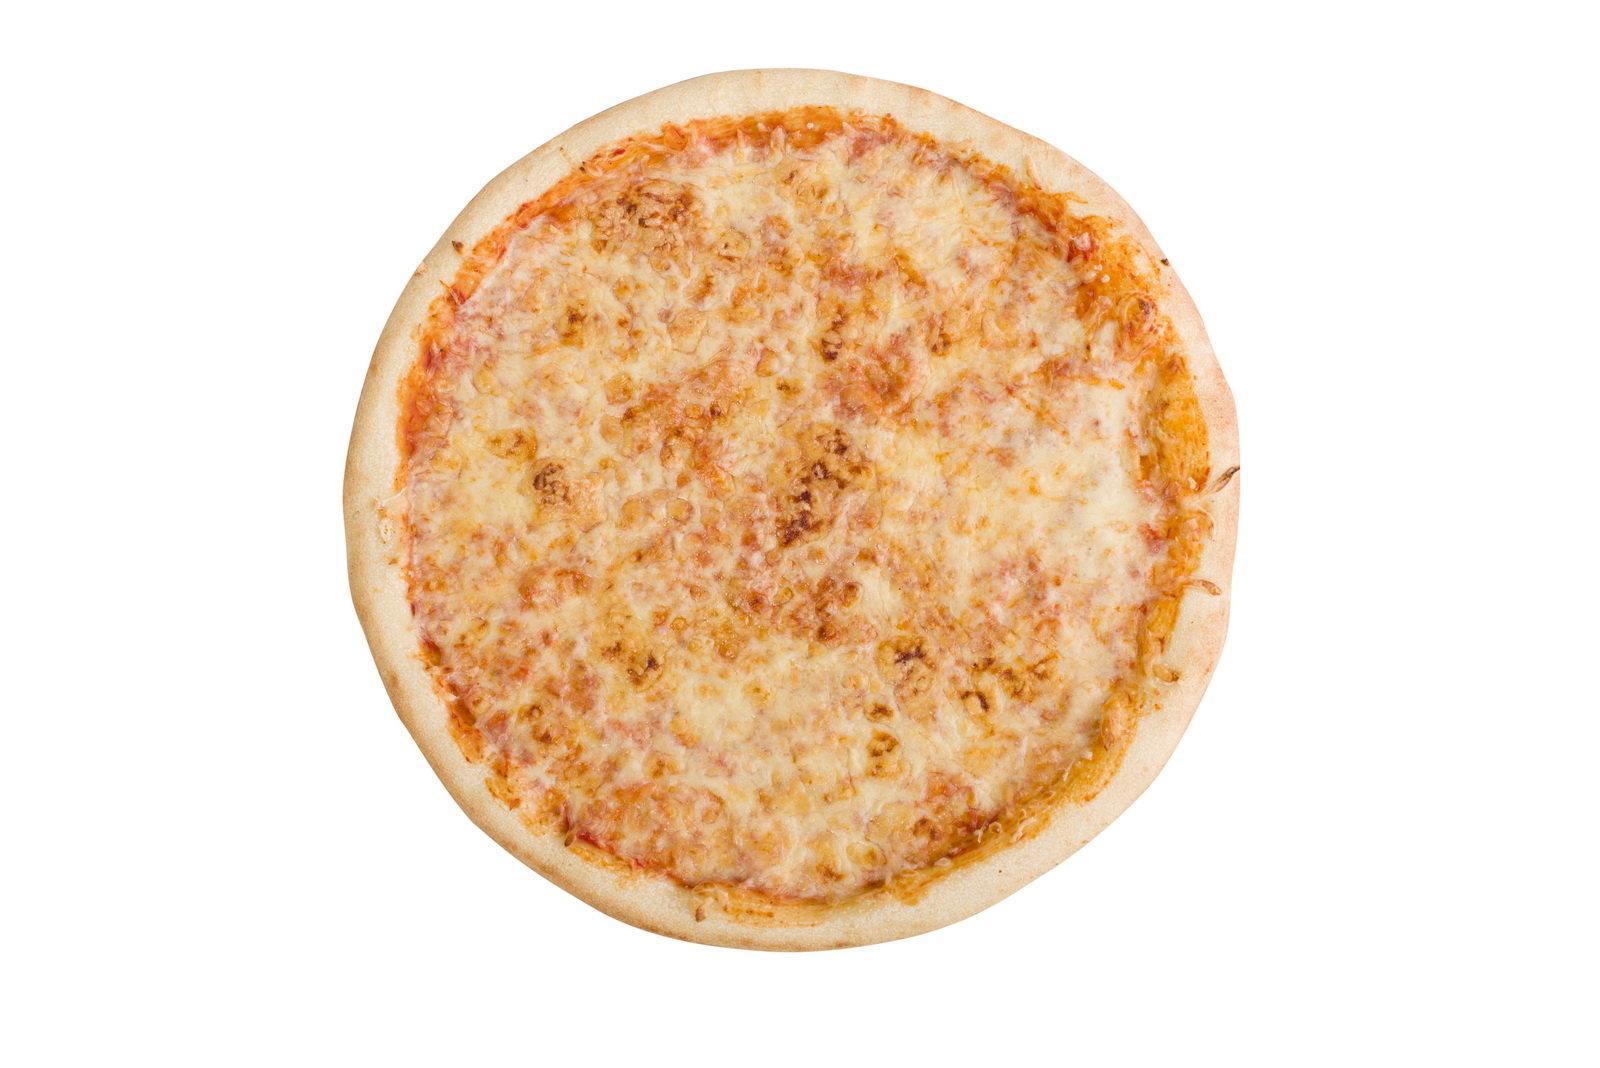 экспресс пицца 24 домодедово